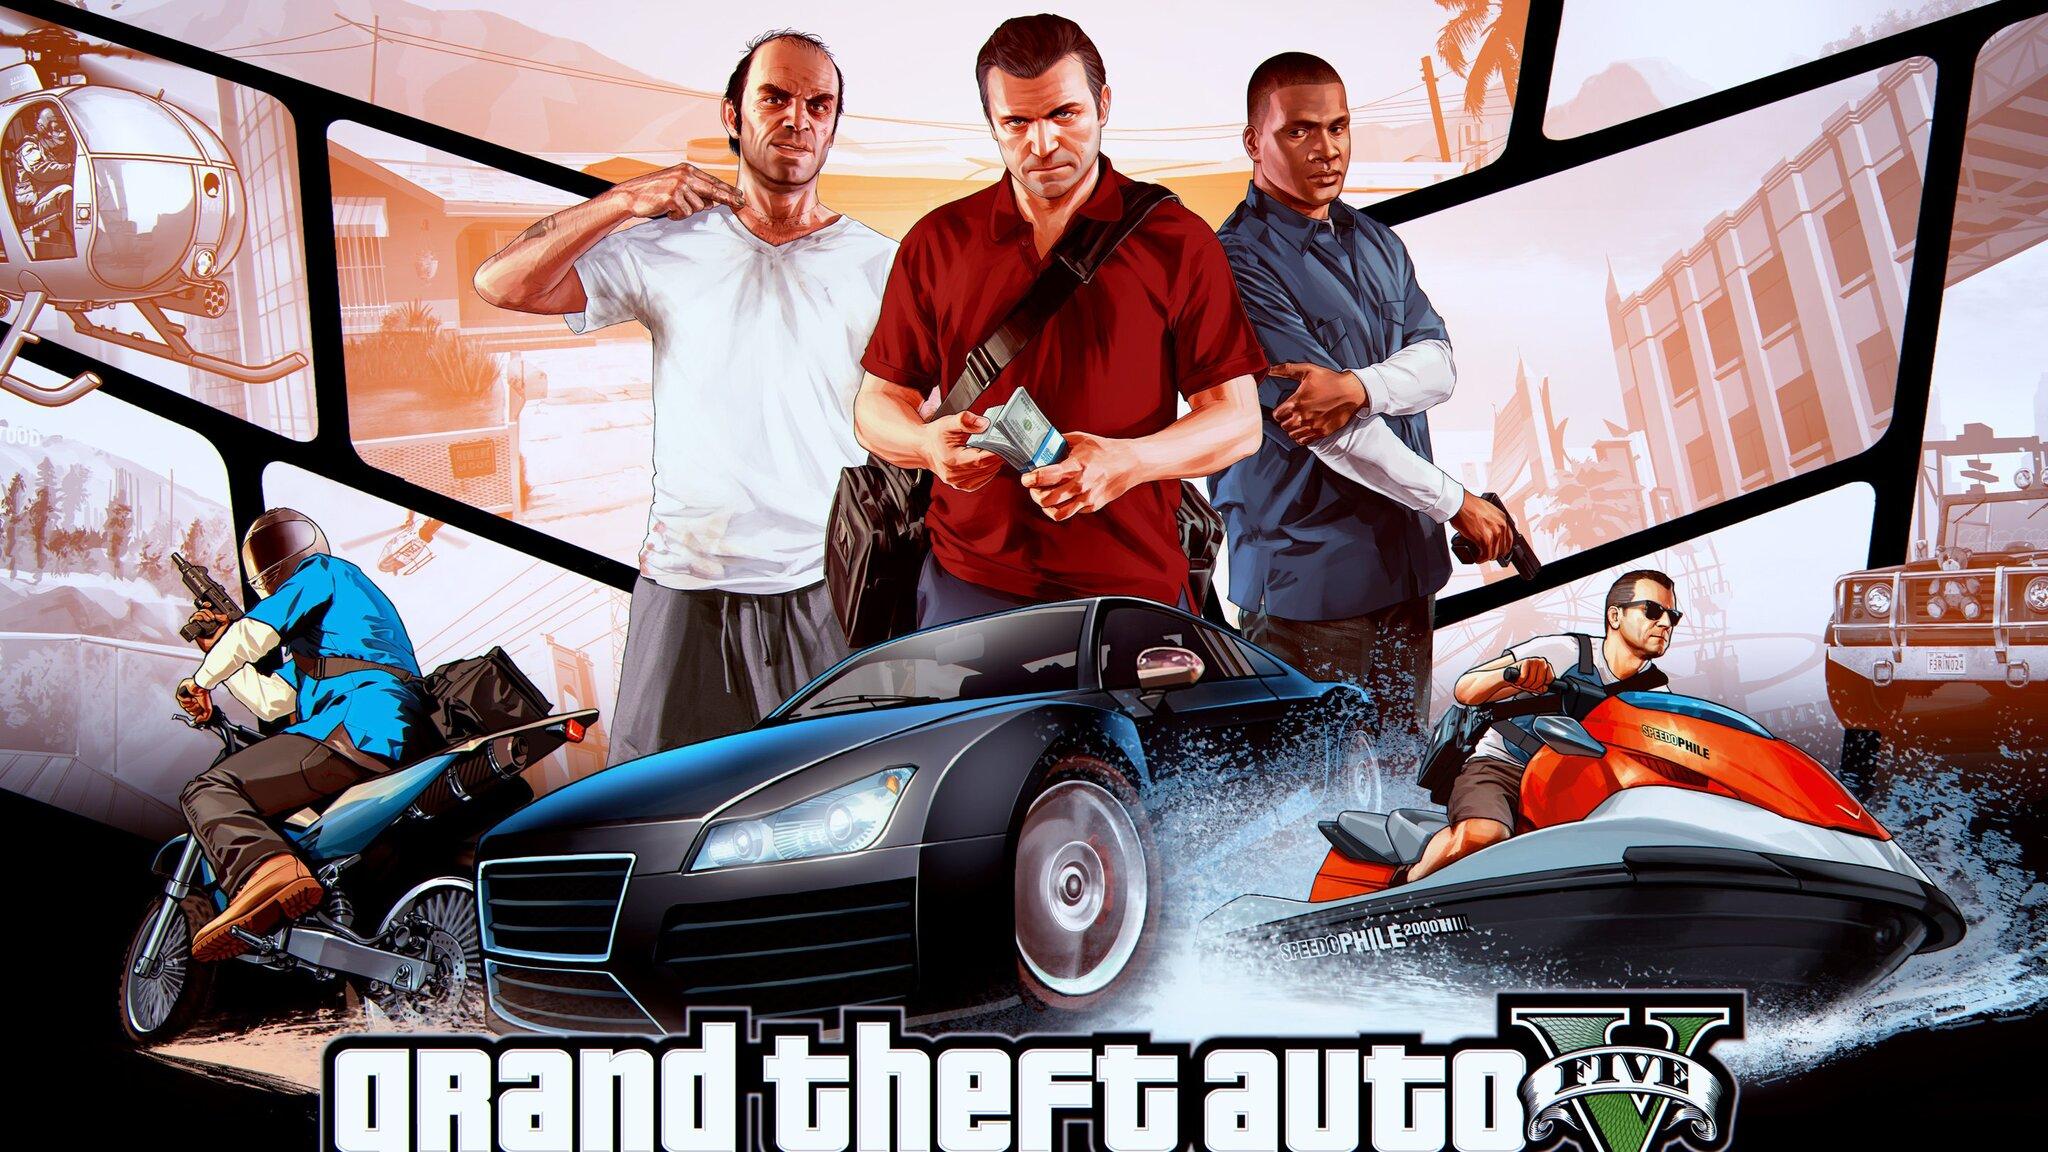 2048x1152 Gta V Redux Nature 2048x1152 Resolution Hd 4k: 2048x1152 Grand Theft Auto V HD 2048x1152 Resolution HD 4k